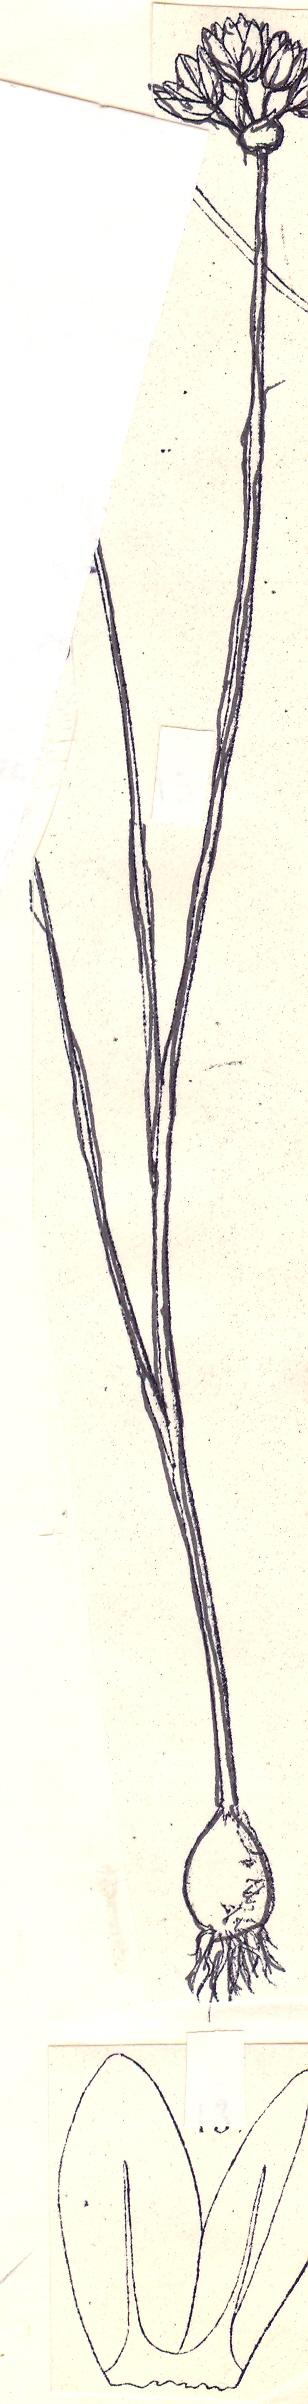 Allium%20doloncarense.jpg